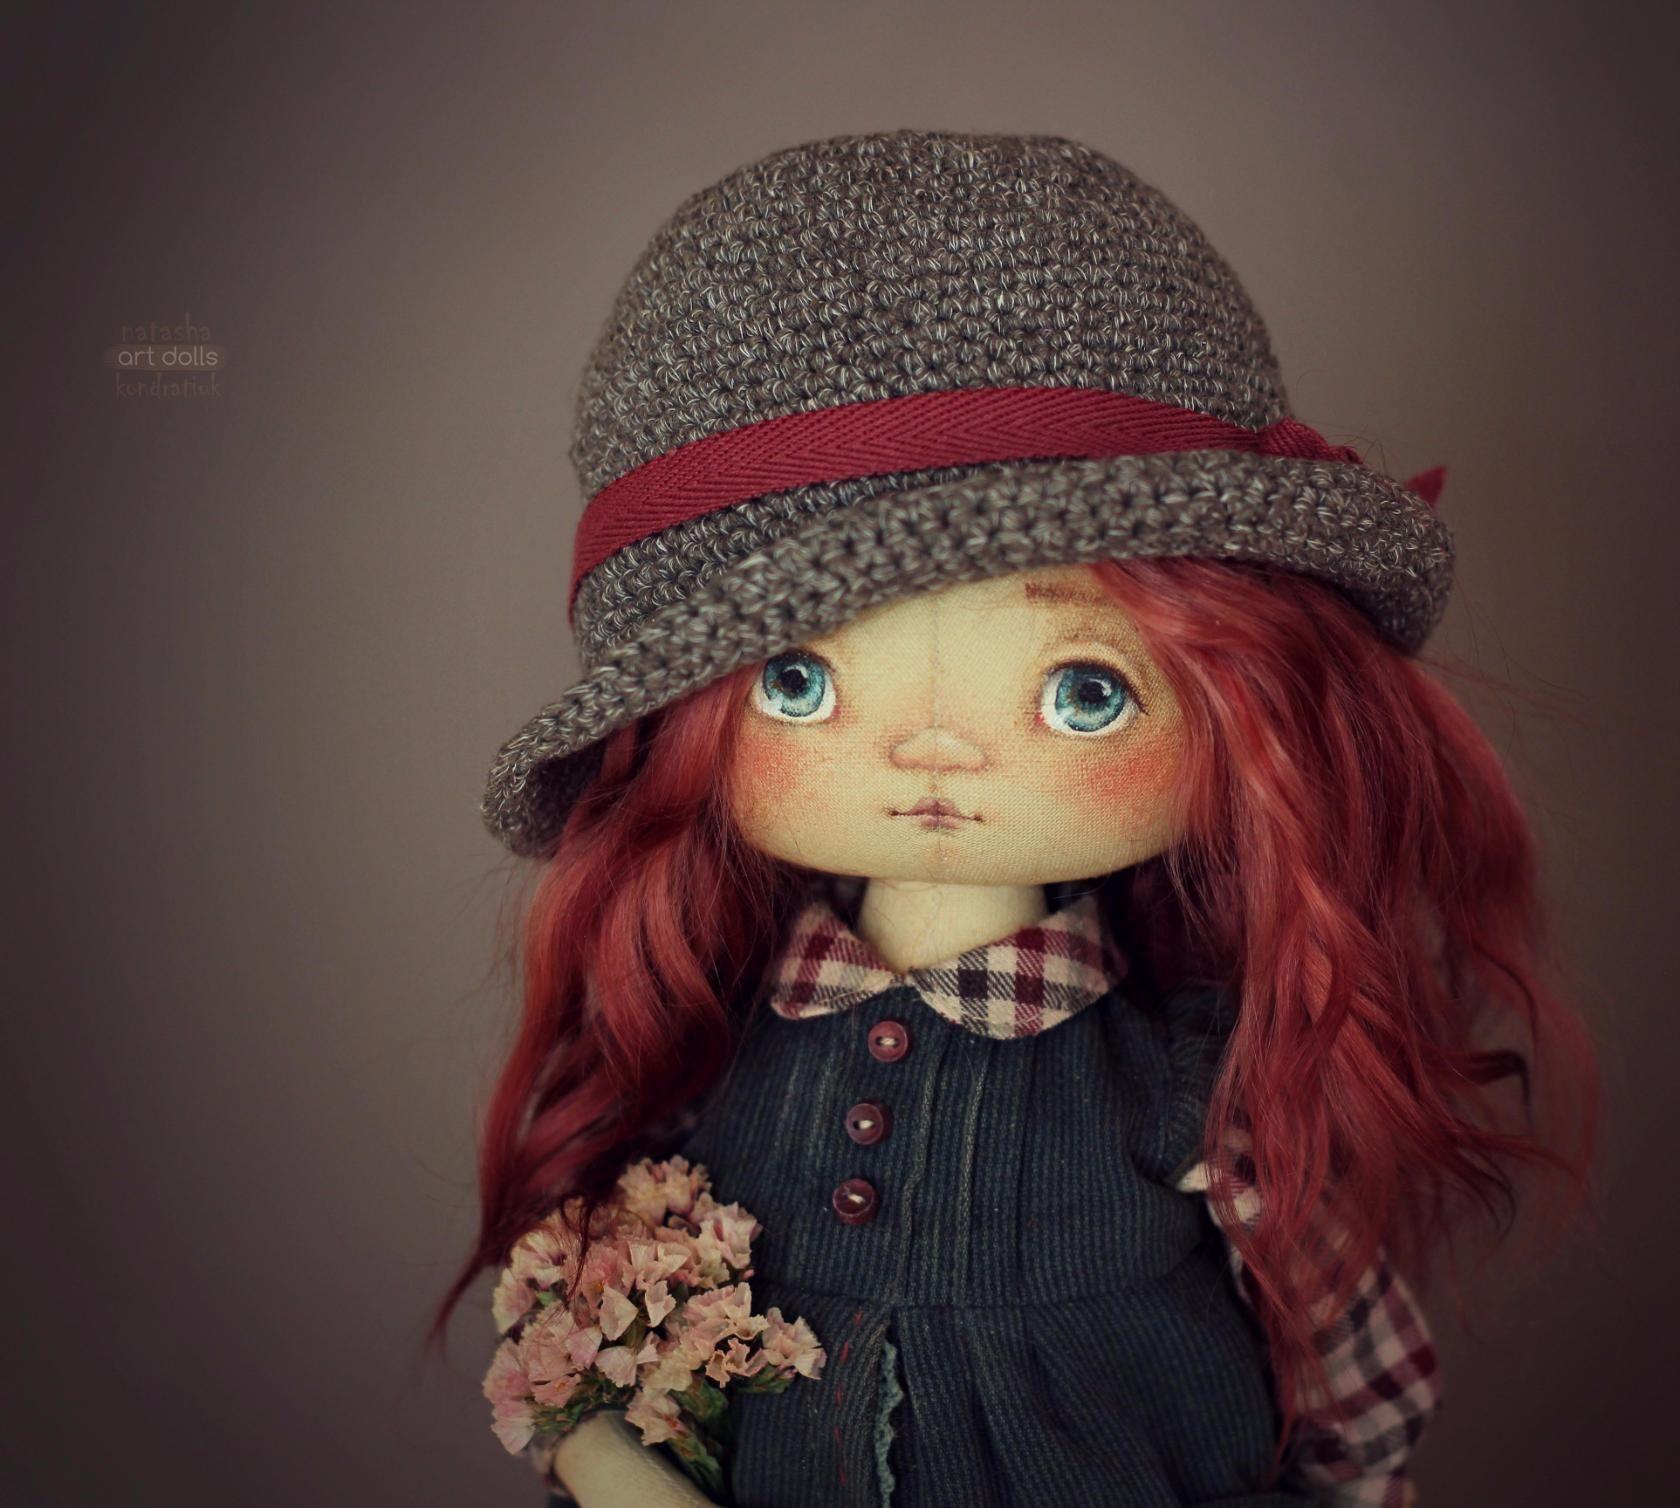 картинки куклы шабашники кампуш говорит, что